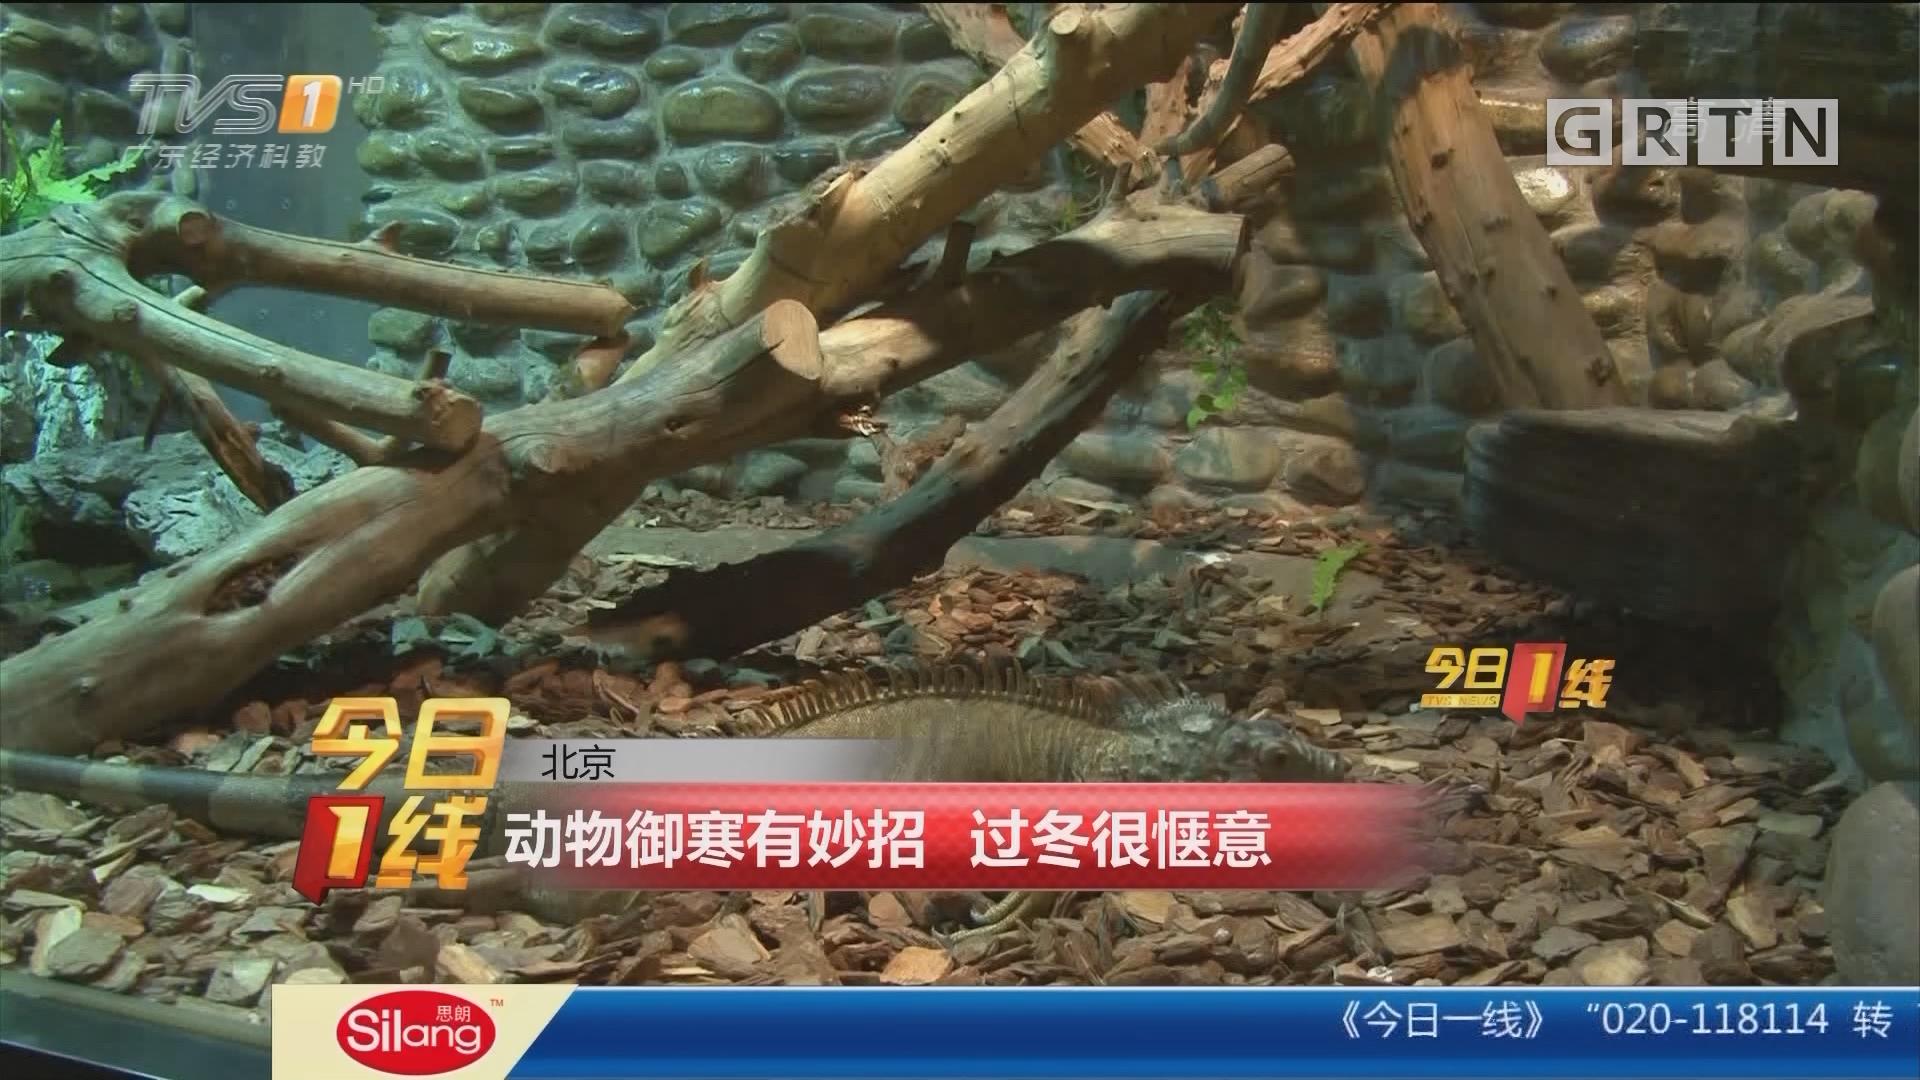 北京:动物御寒有妙招 过冬很惬意